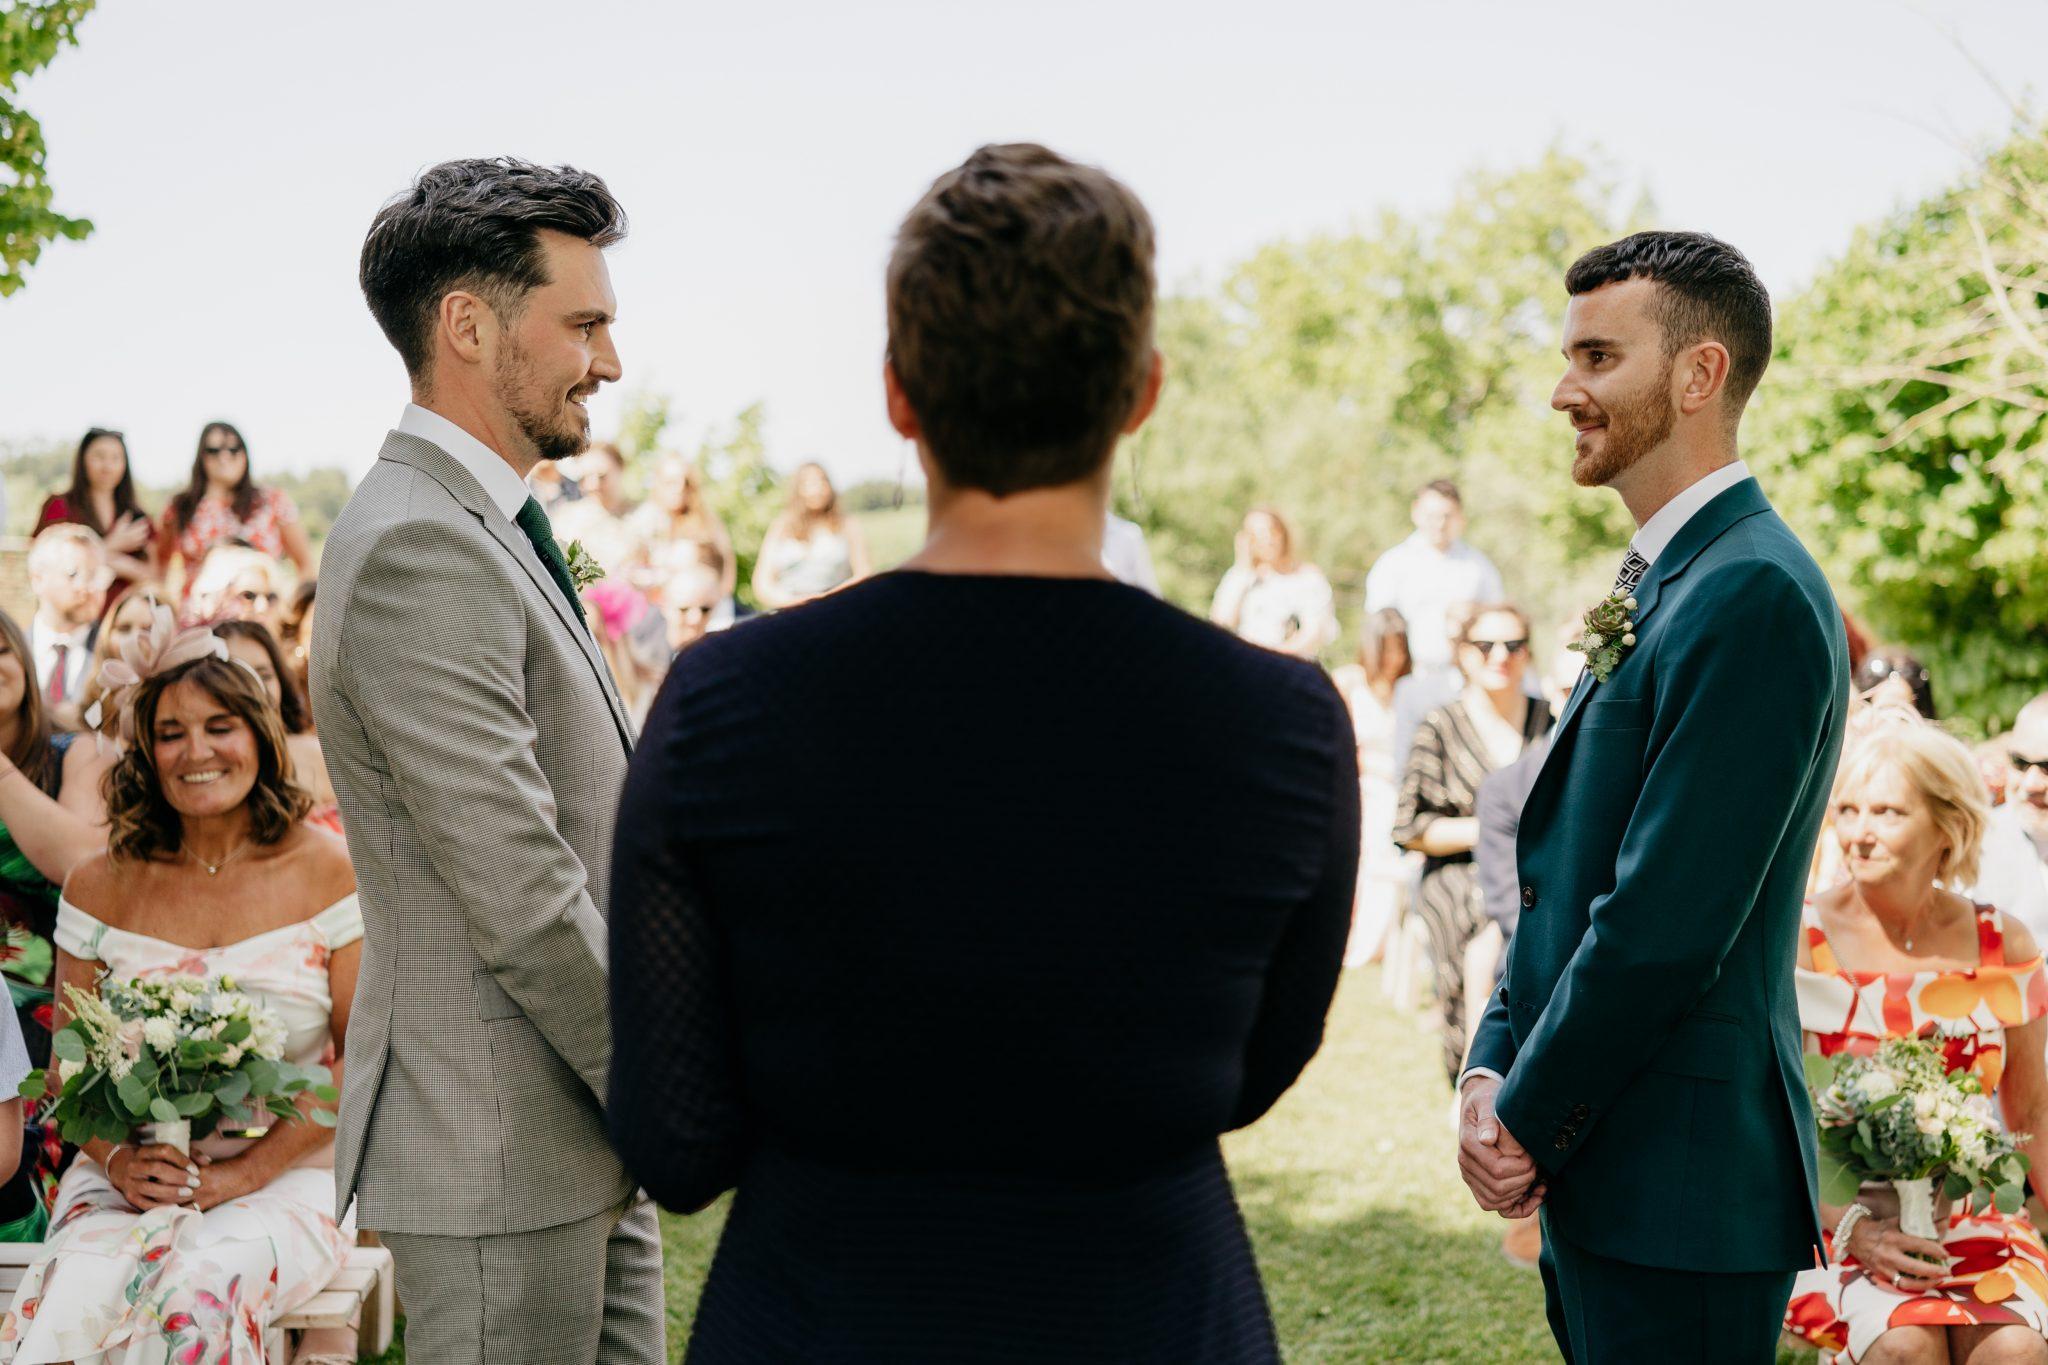 Gay wedding in Portugal